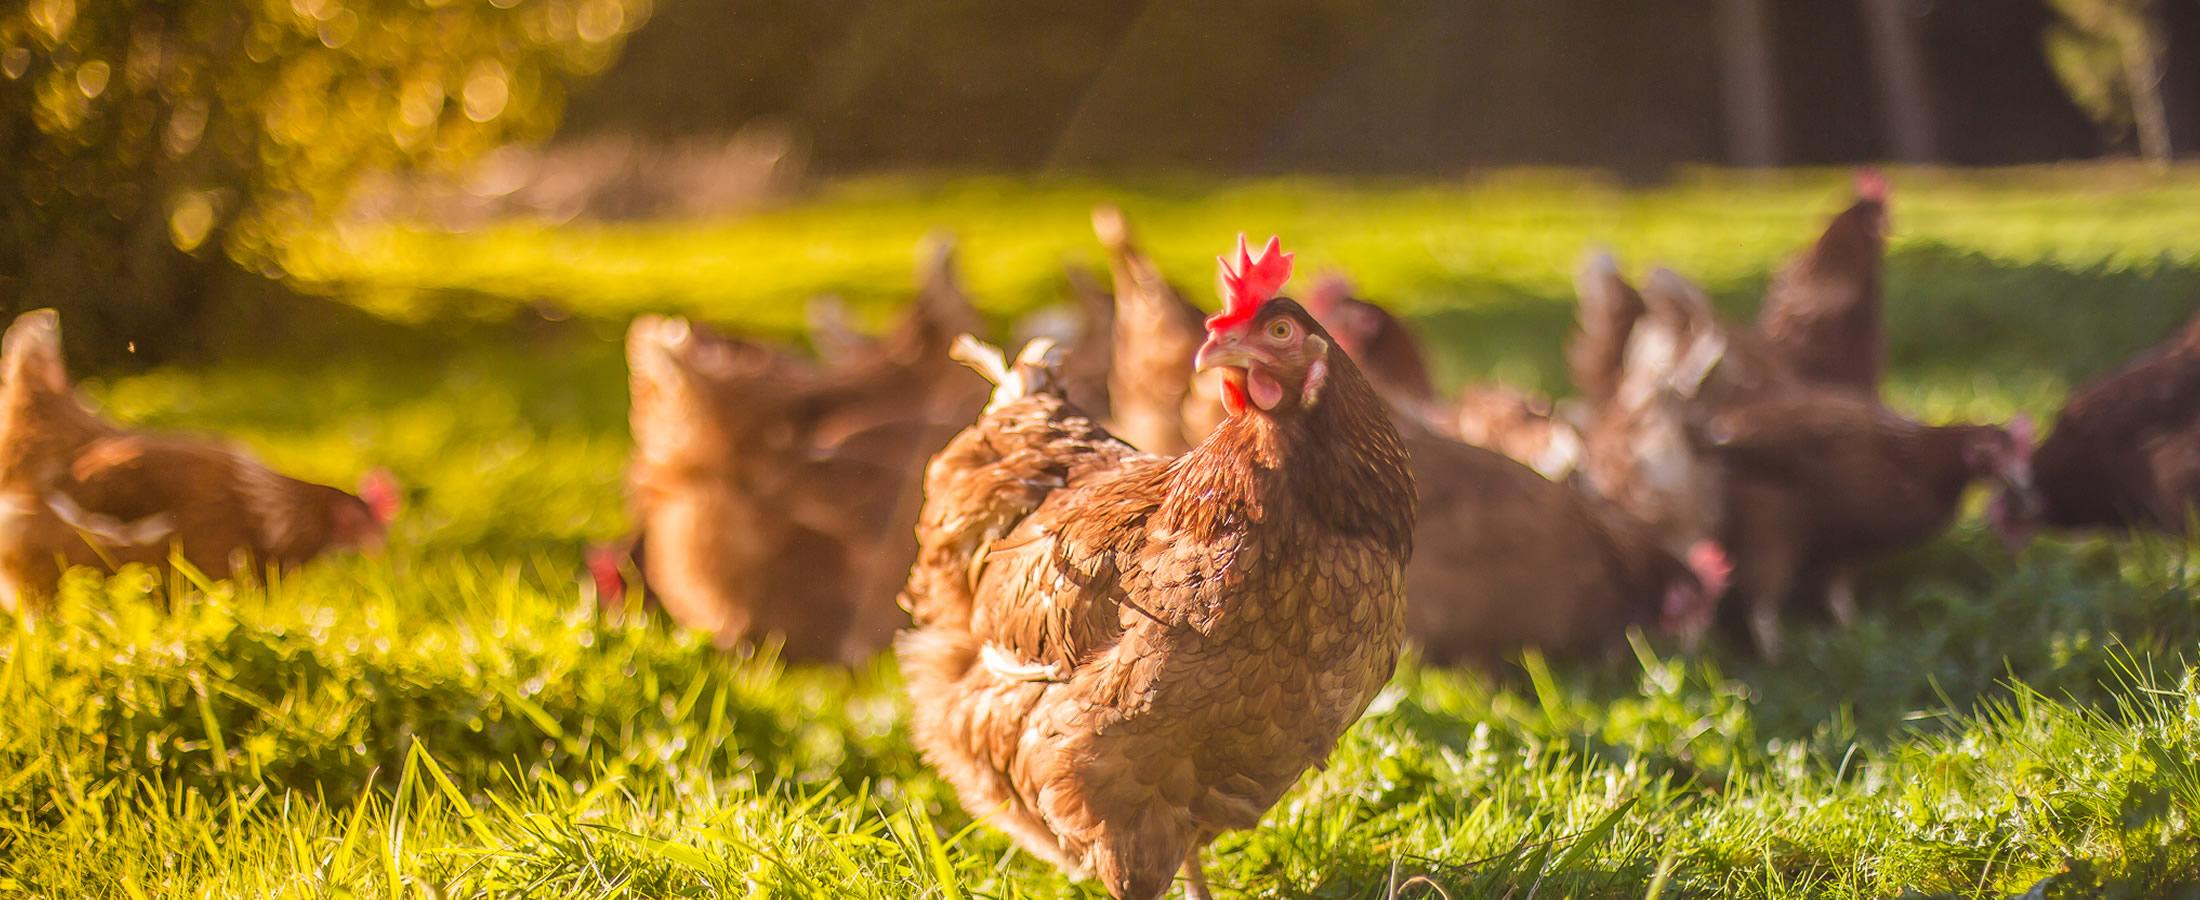 ¿Son los huevos de gallinas libres más saludables?